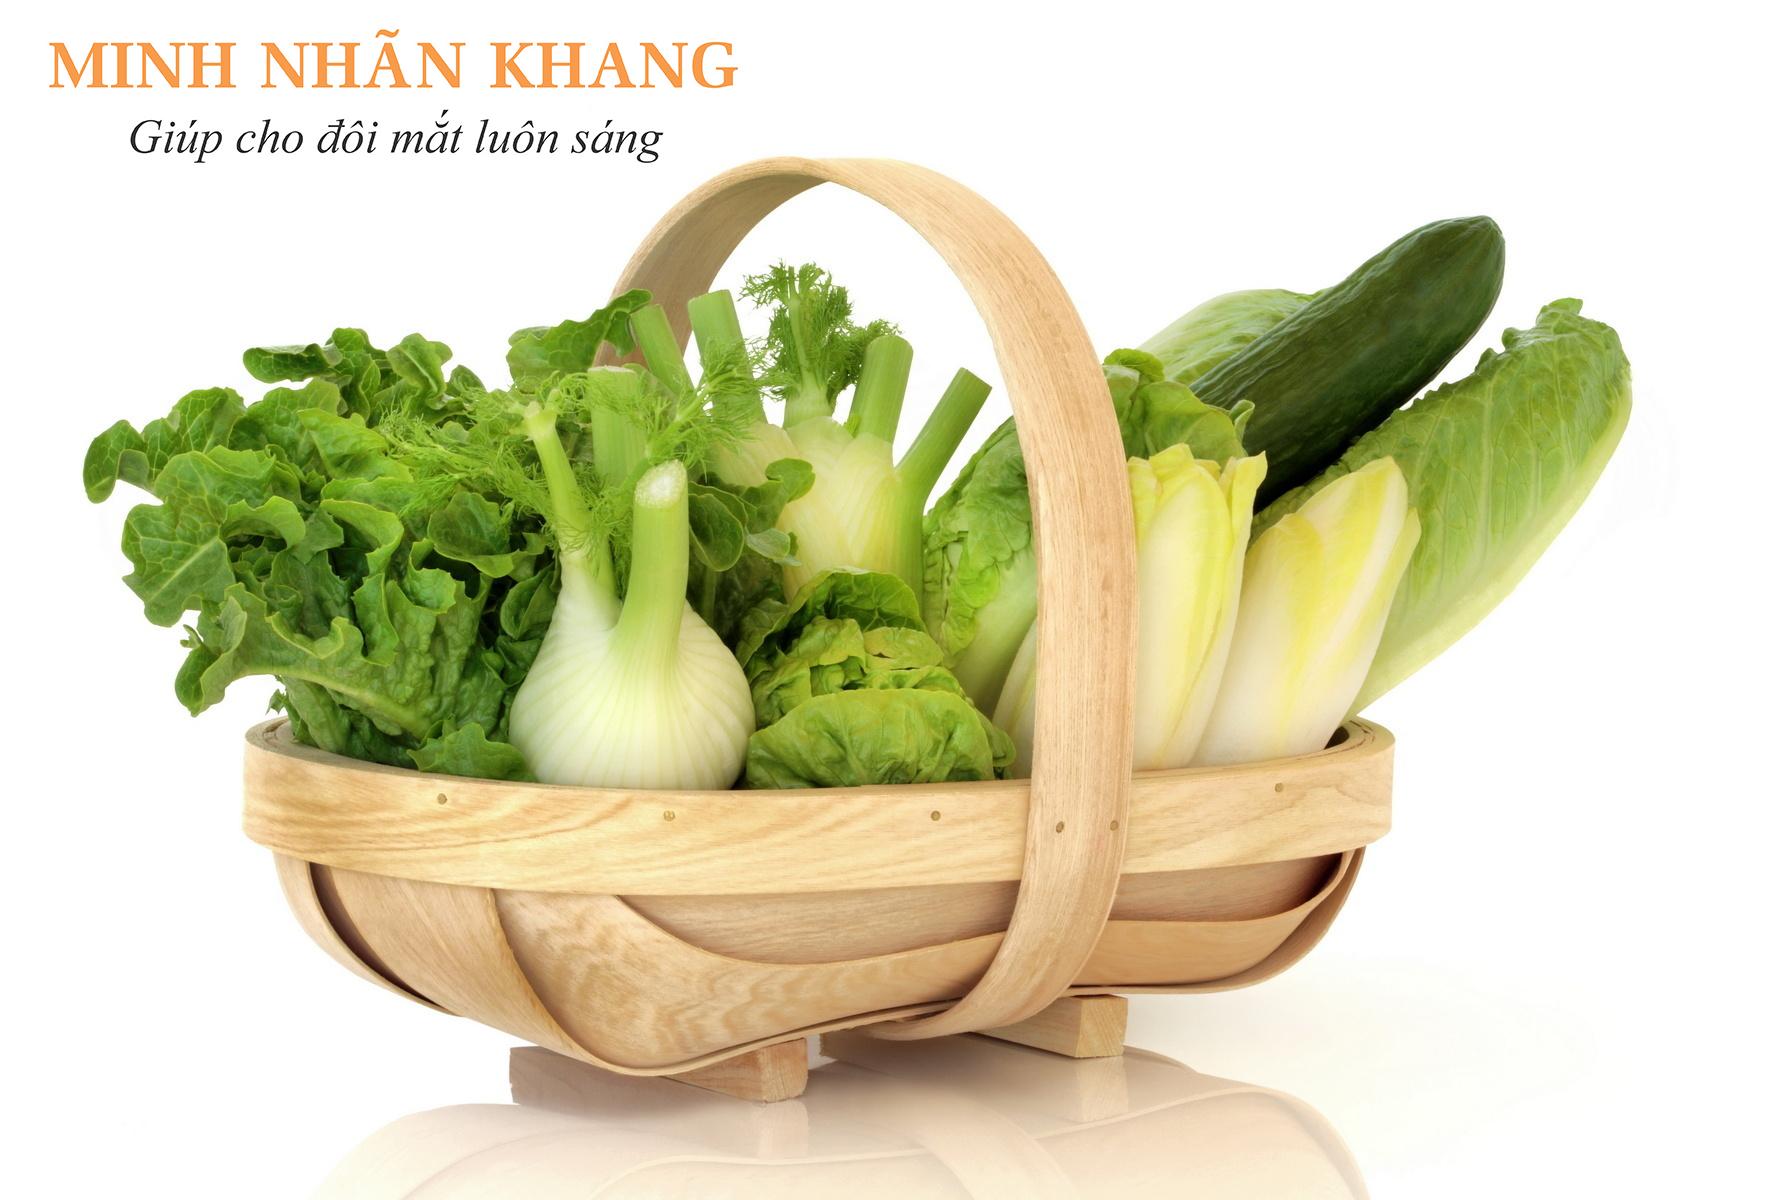 Rau cải xanh chứa nhiều lutein và zeaxanthin tốt cho mắt